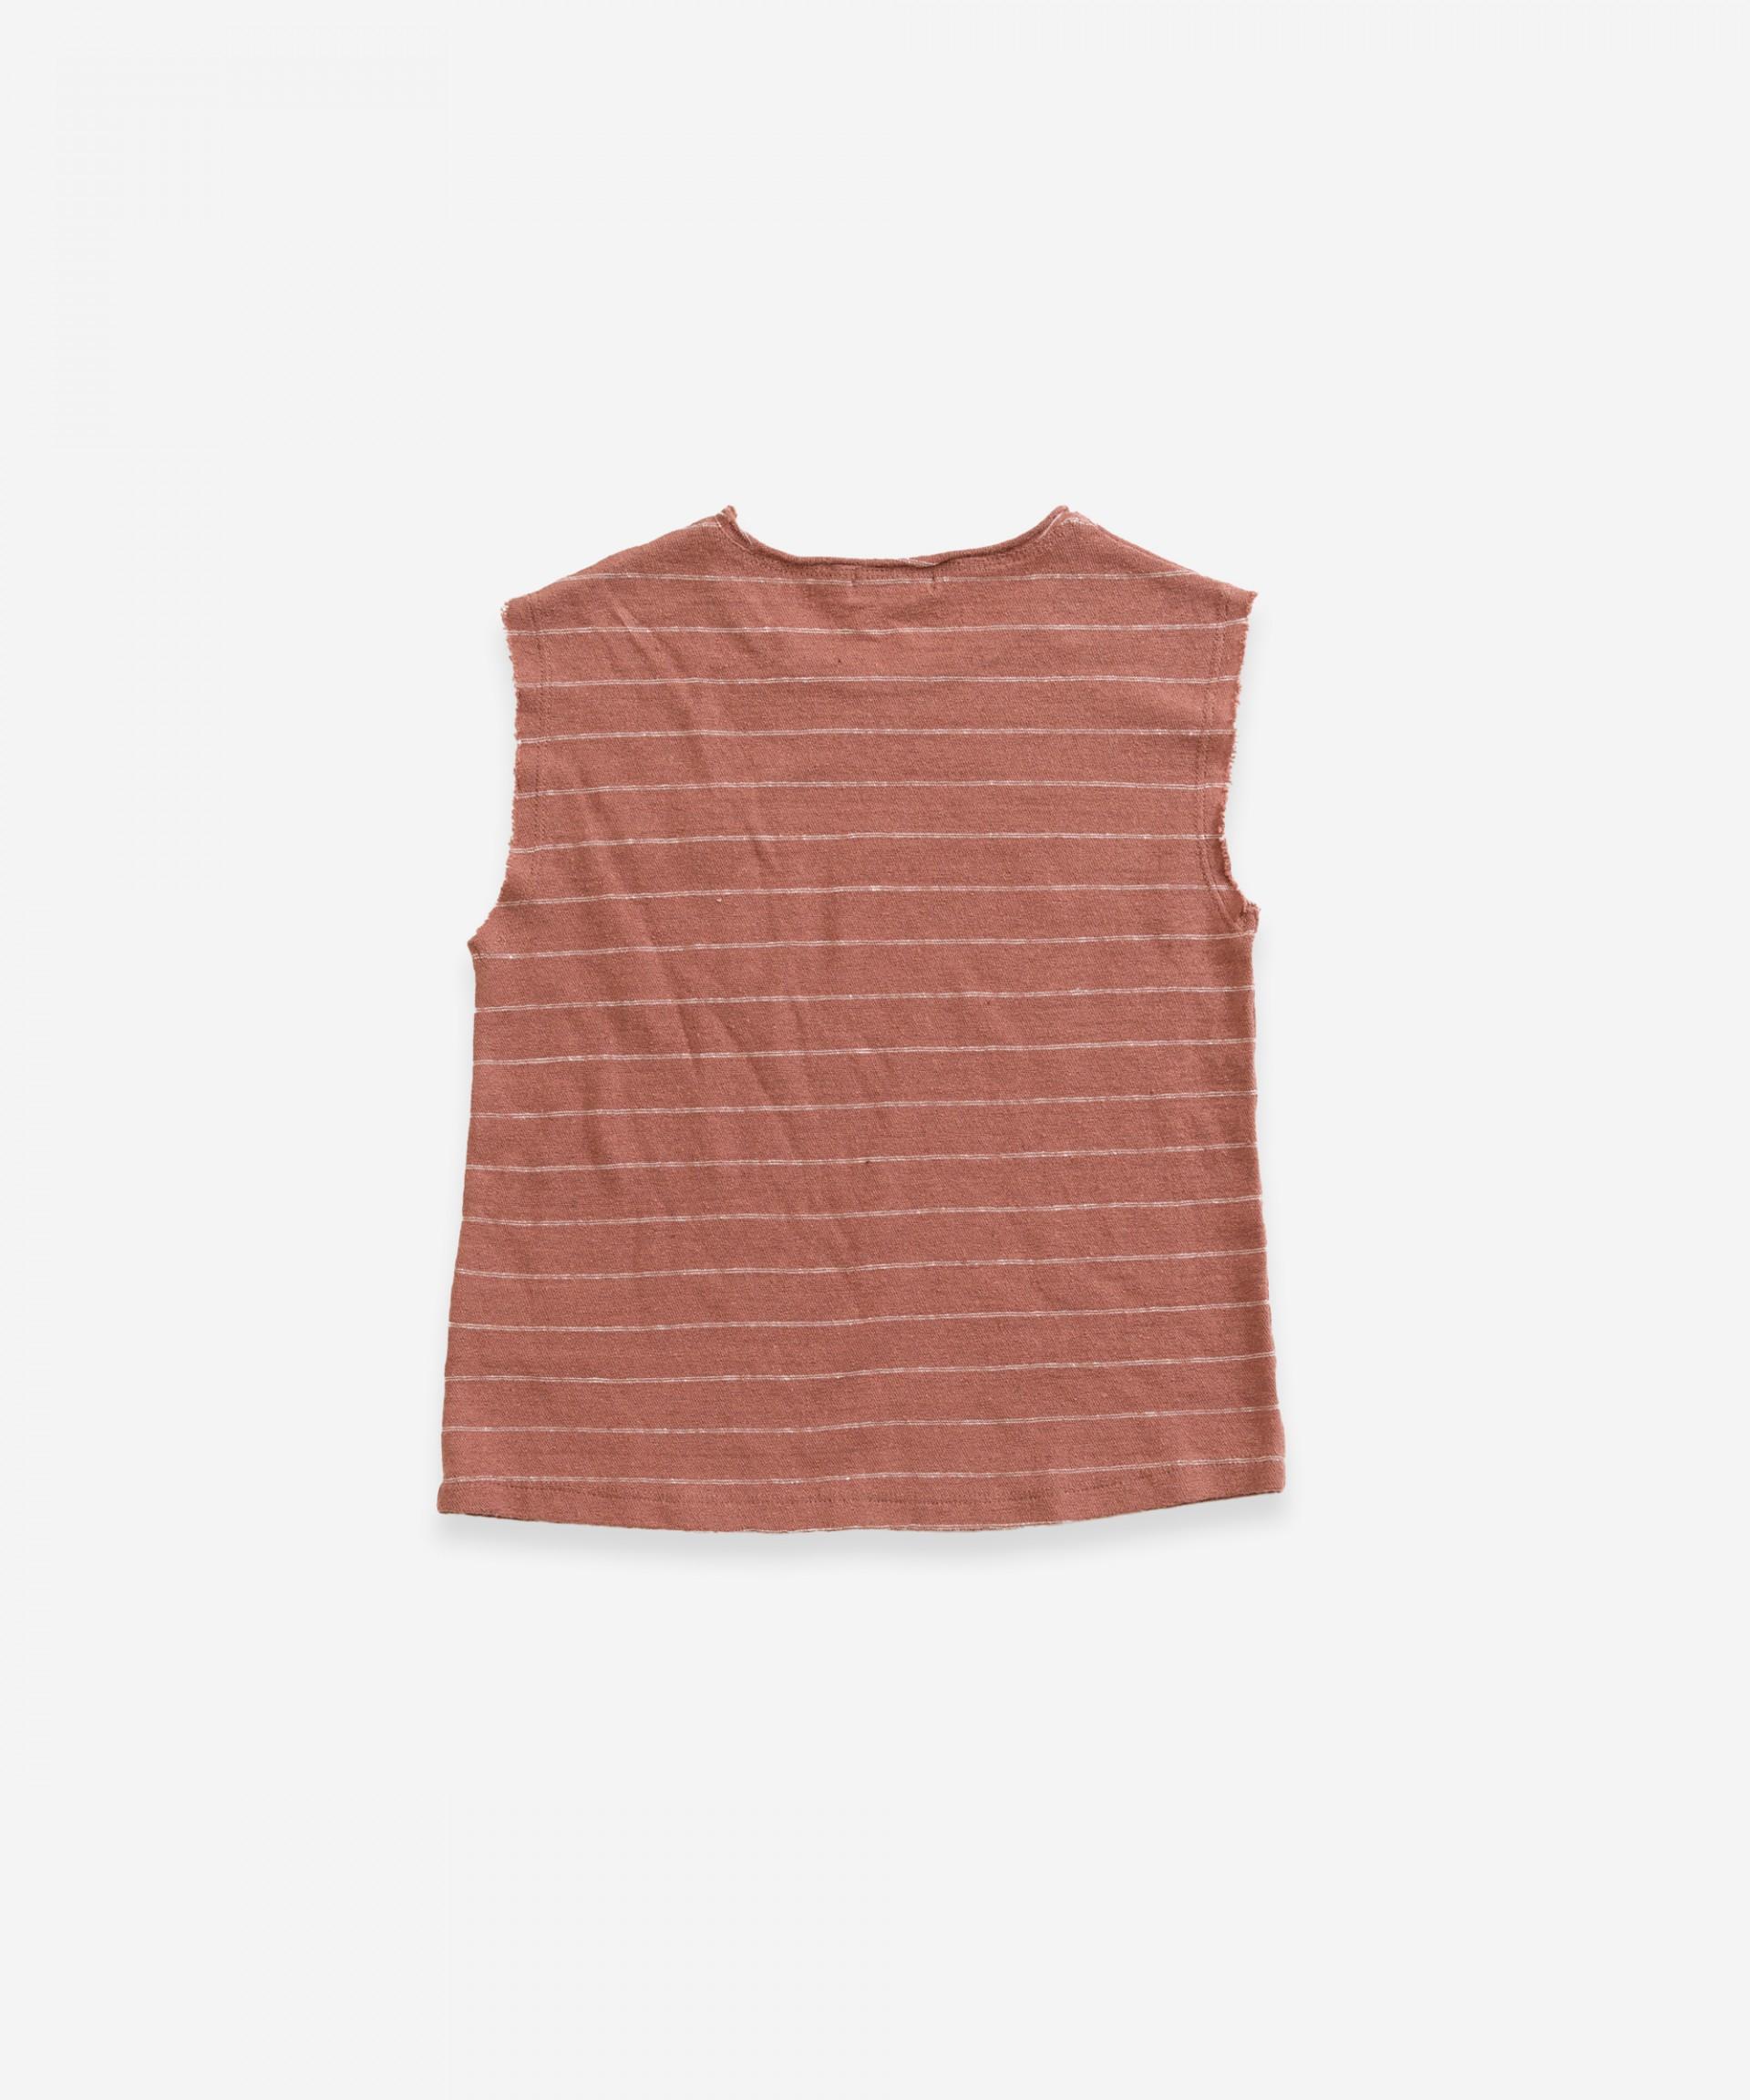 T-shirt sem mangas em algodão-linho | Weaving